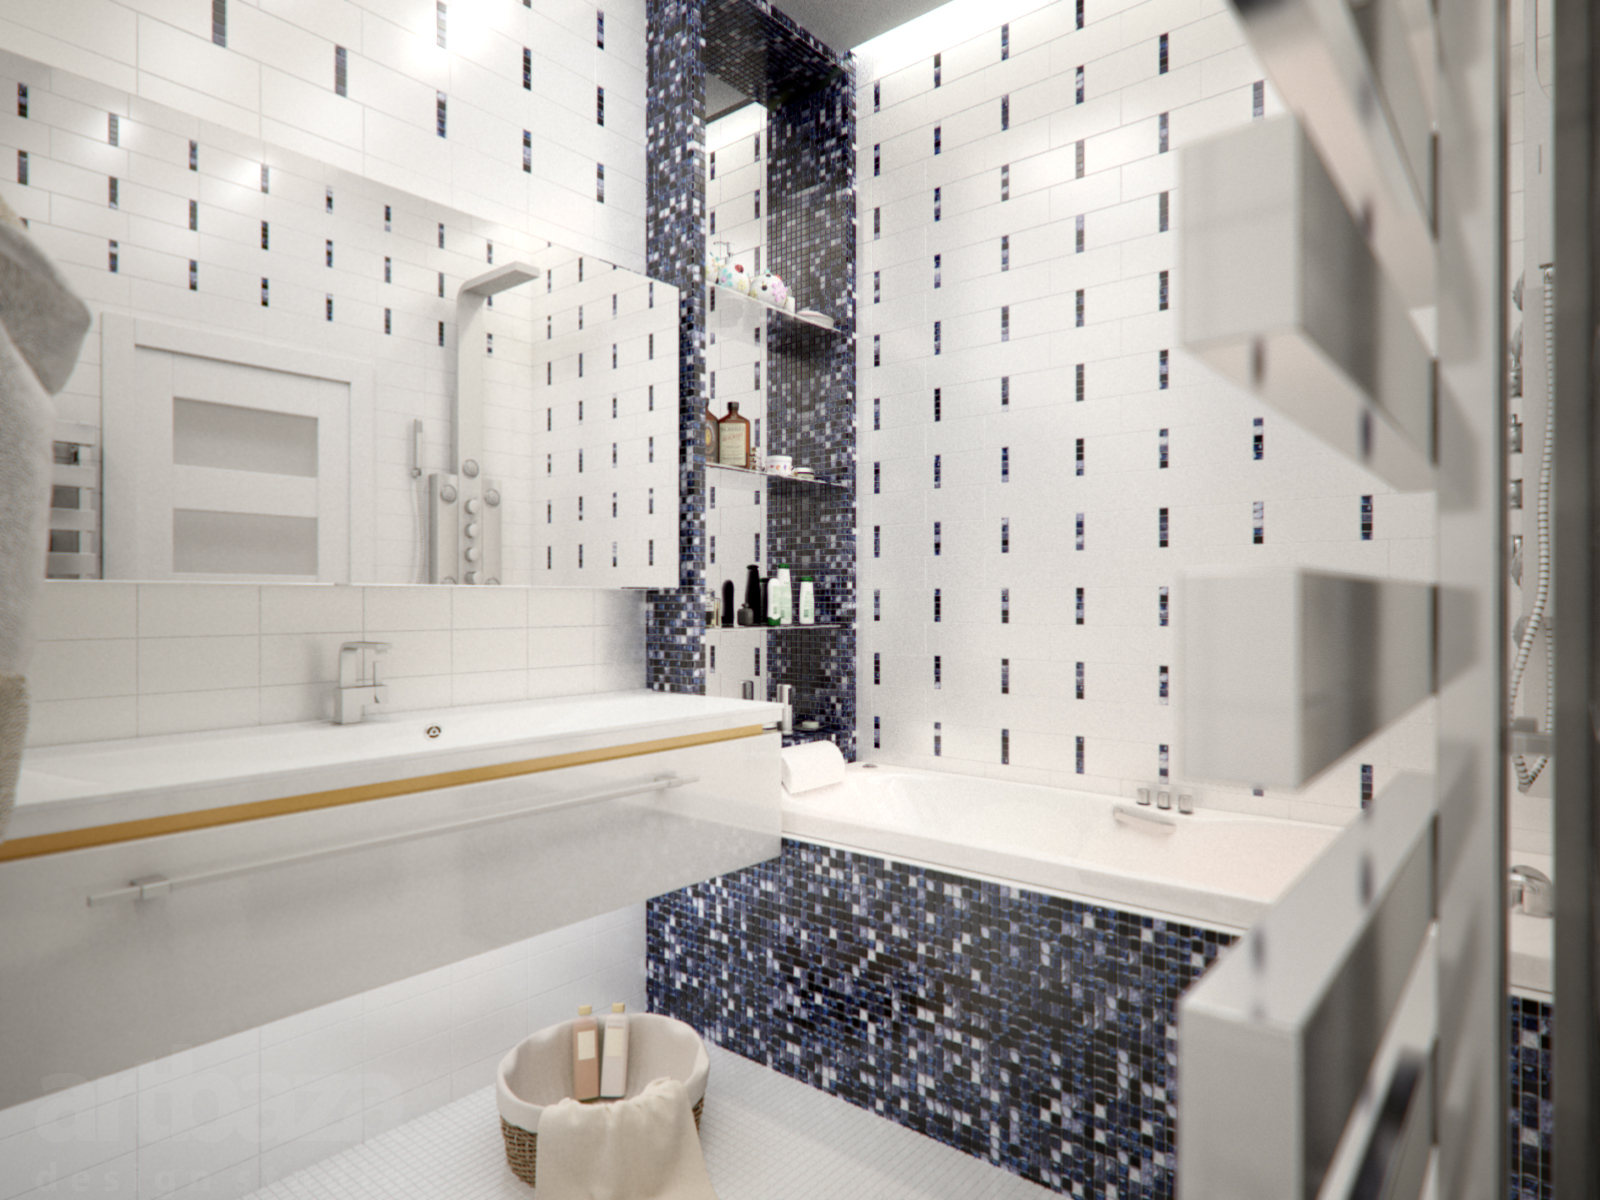 Сине-белая мозаика в светлой ванной